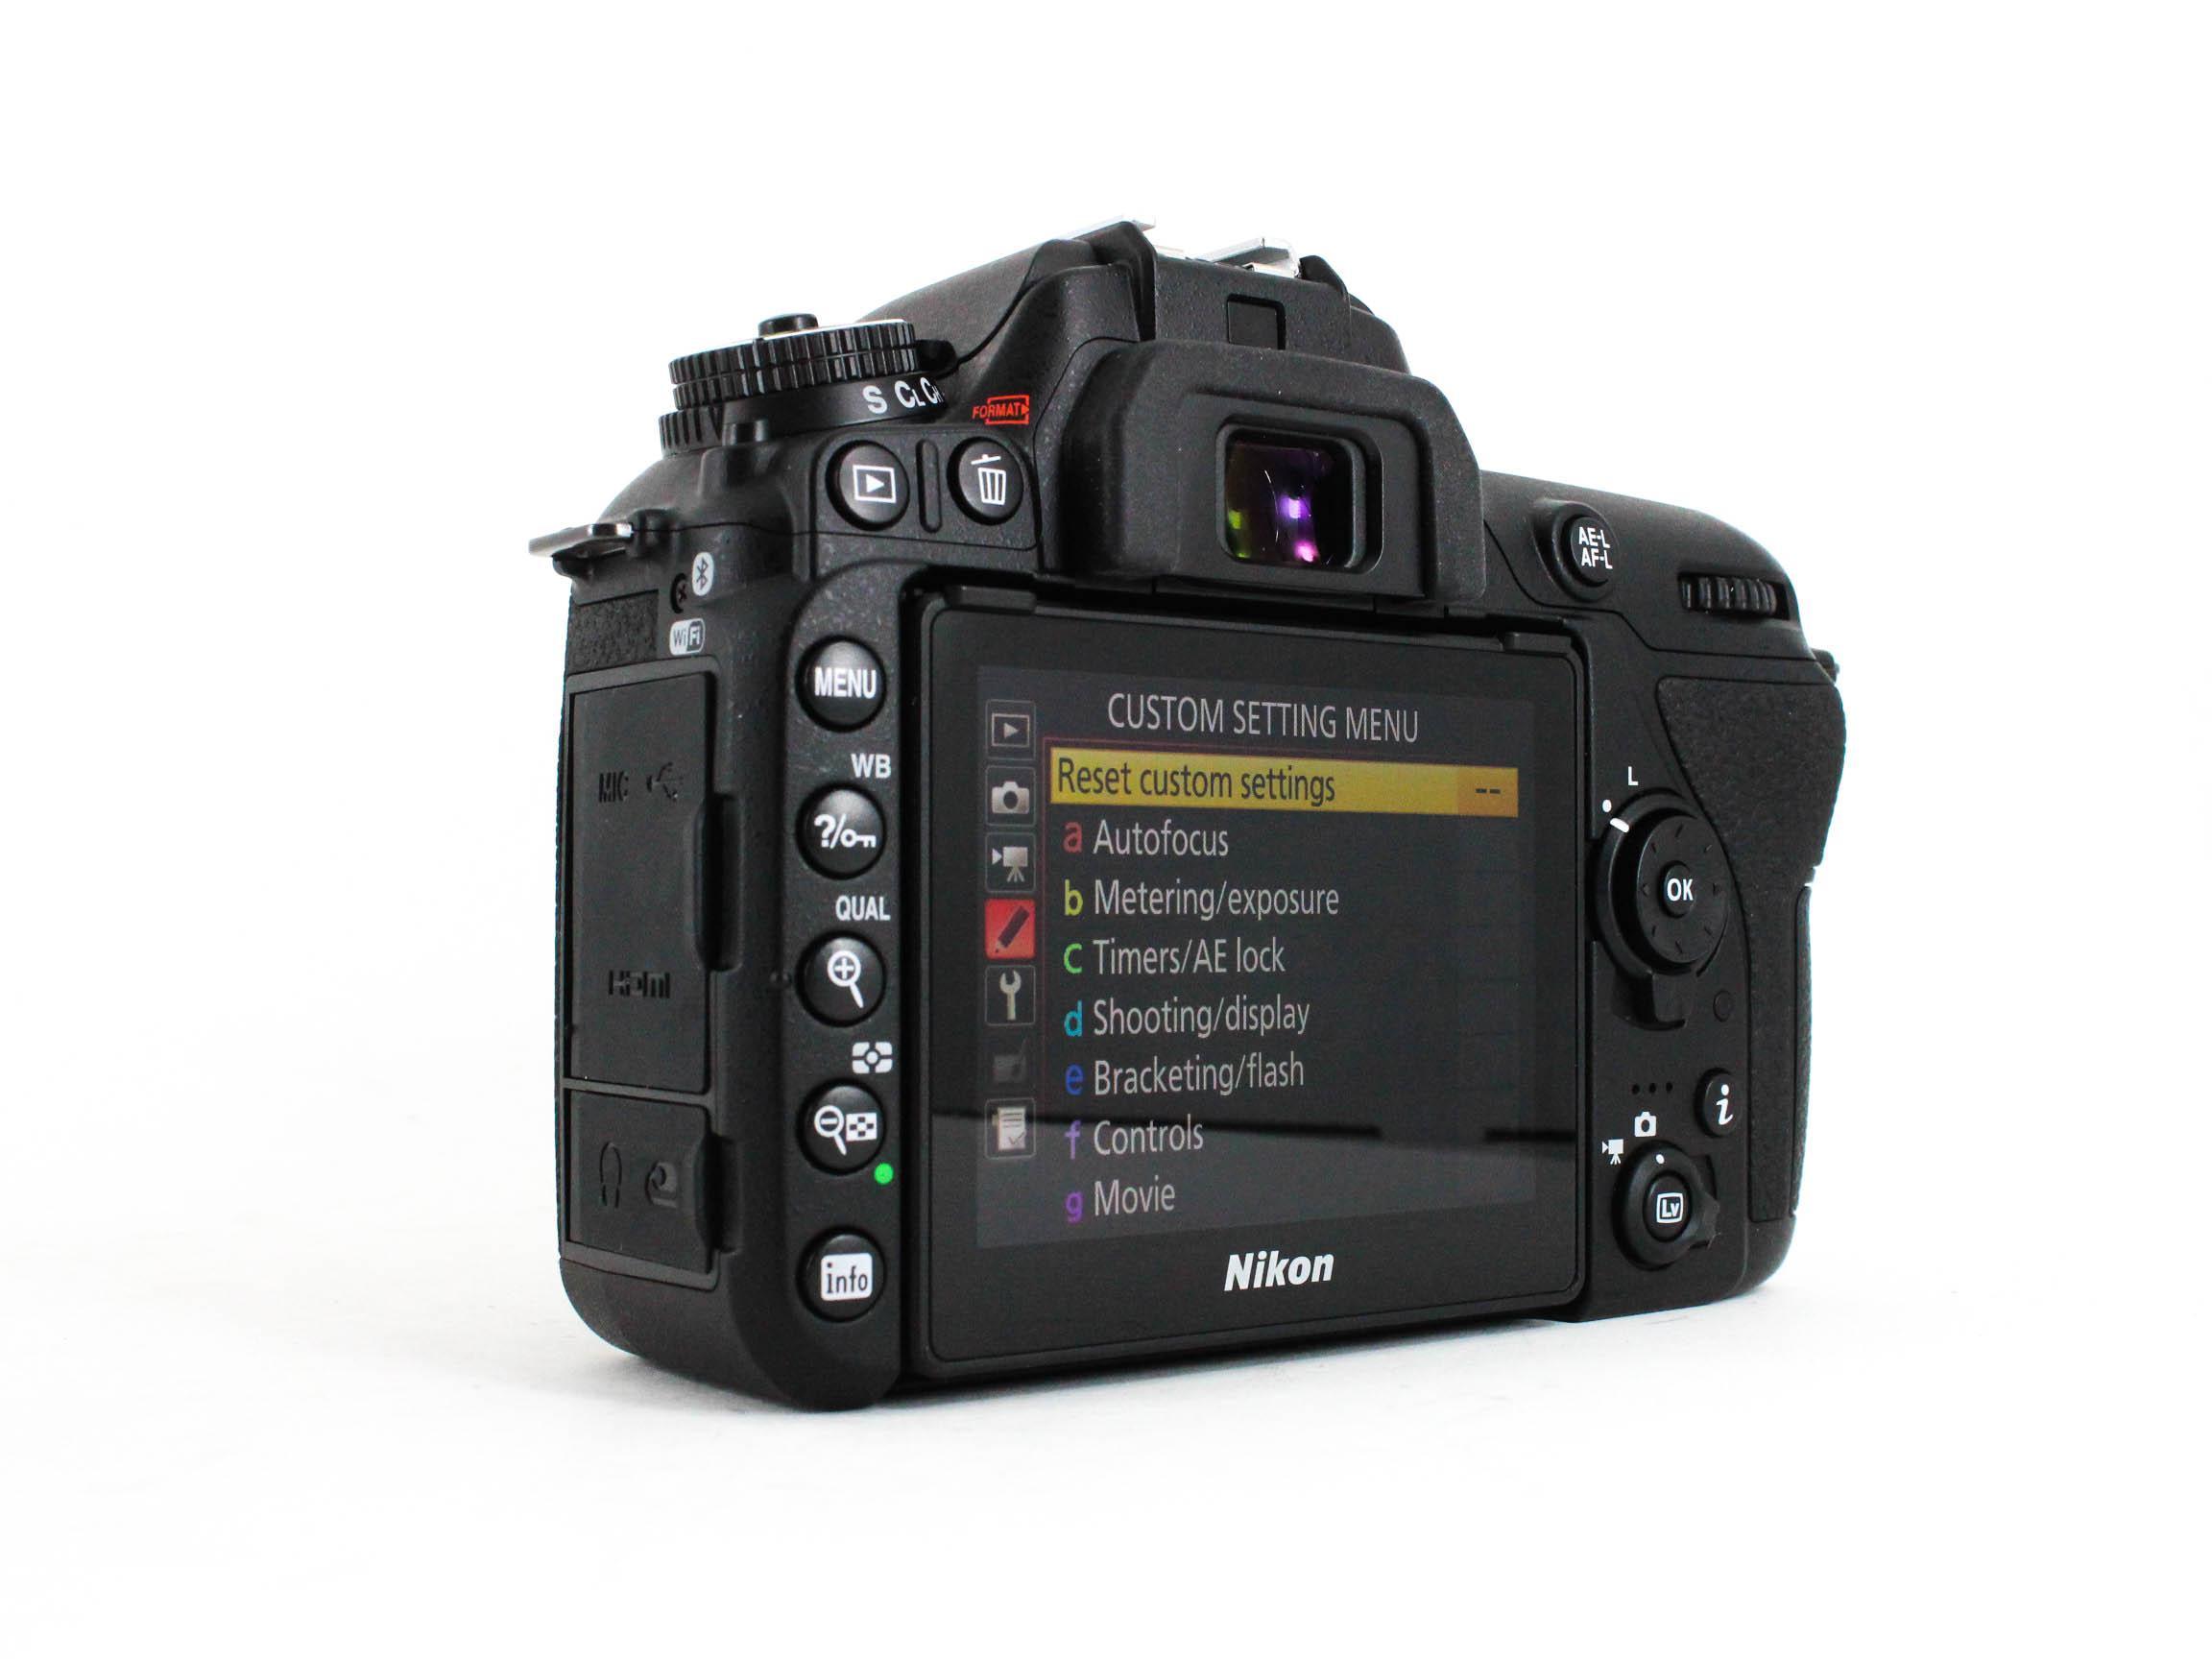 nikon d7500 back image